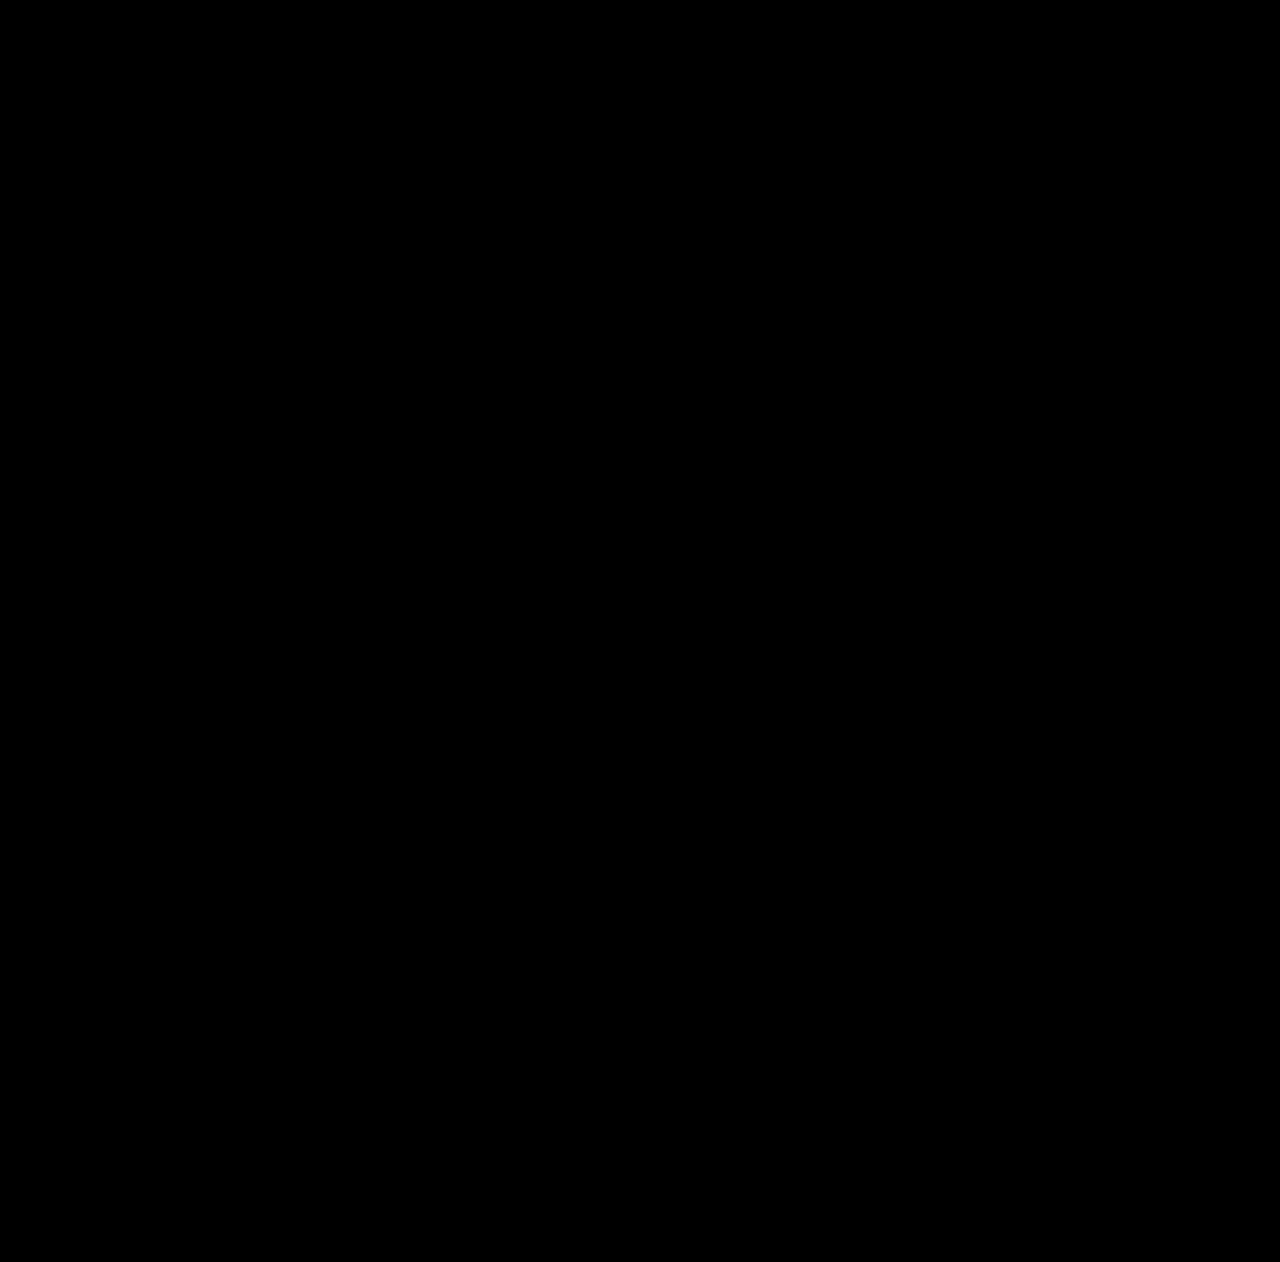 חדר שרות